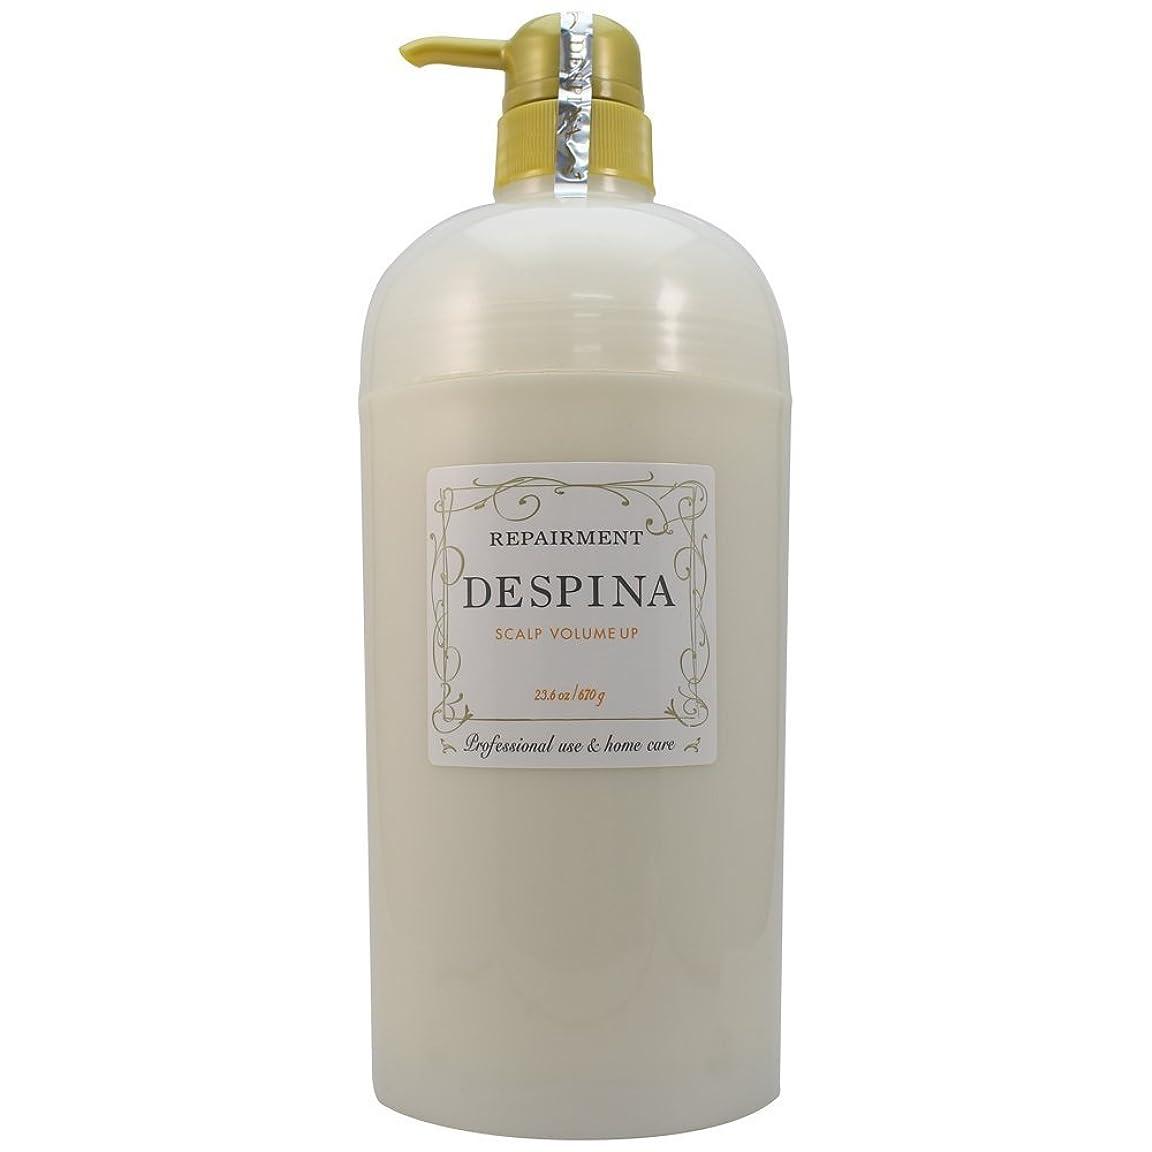 ライナー賞賛する気質中野製薬 デスピナ リペアメント スキャルプ ボリュームアップ 670g